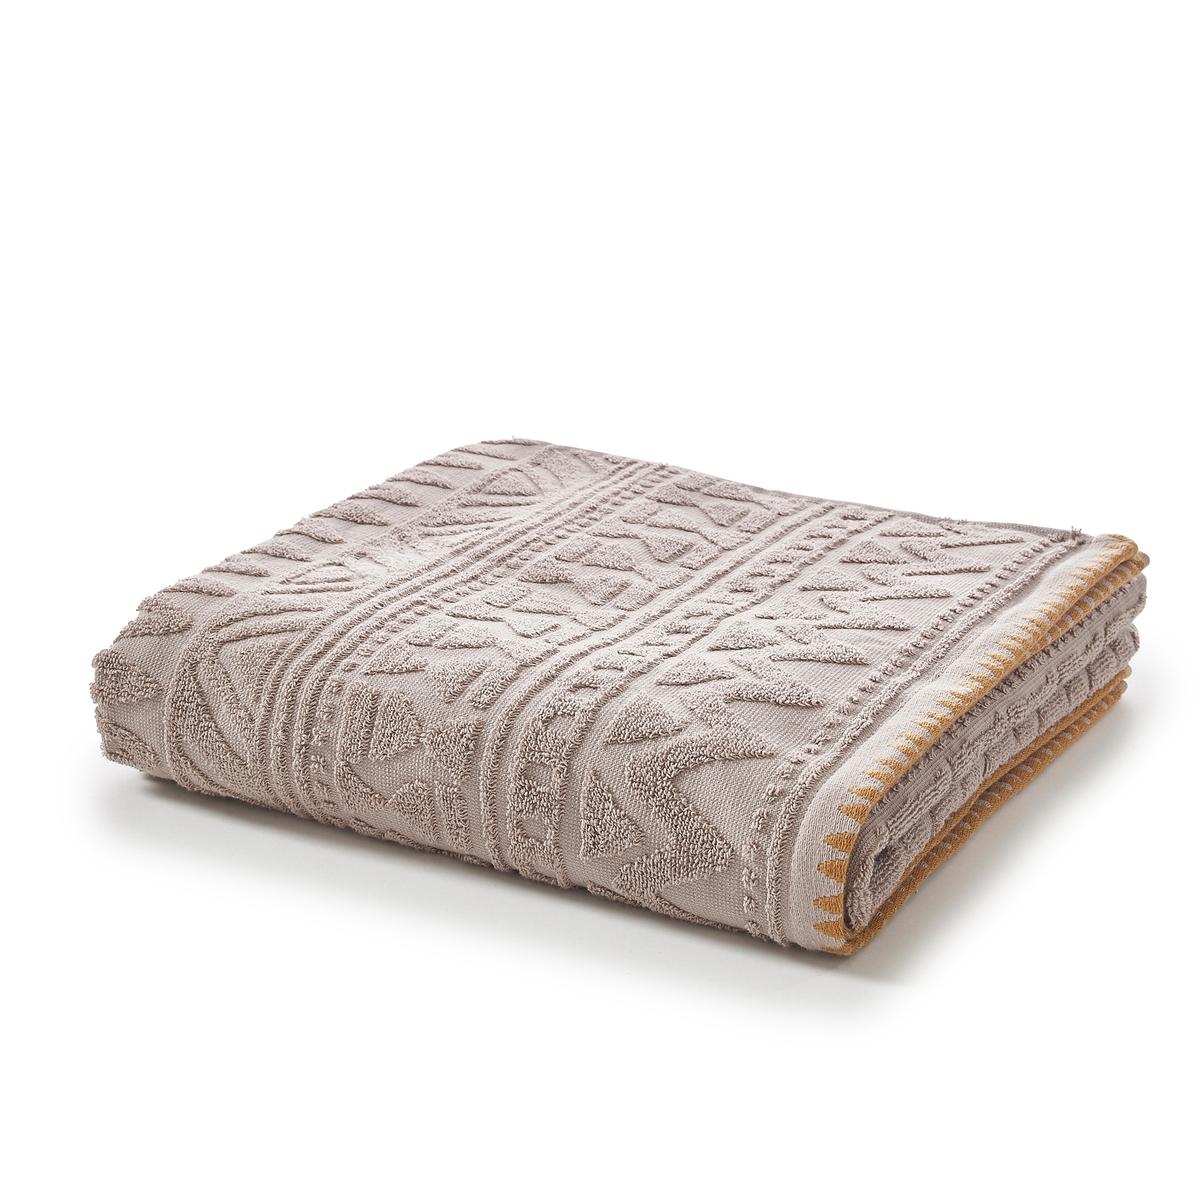 Полотенце банное большое из жаккардовой махровой ткани, LimaБольшое банное полотенце Lima. Большое банное полотенце из махровой ткани Lima имеет отличную впитывающую способность, пышное и исключительно комфортное, с красивой отделкой и этническим рисунком.Характеристики большого банного полотенца Lima :Жаккардовая махровая ткань, 100% хлопок, 500 г/м?.Отделка кантом контрастного цвета.Машинная стирка при 60 °С.Всю коллекцию текстиля для ванной Lima вы можете найти на сайте laredoute.ruРазмеры большого банного полотенца :100 x 150 см<br><br>Цвет: белый,серо-коричневый